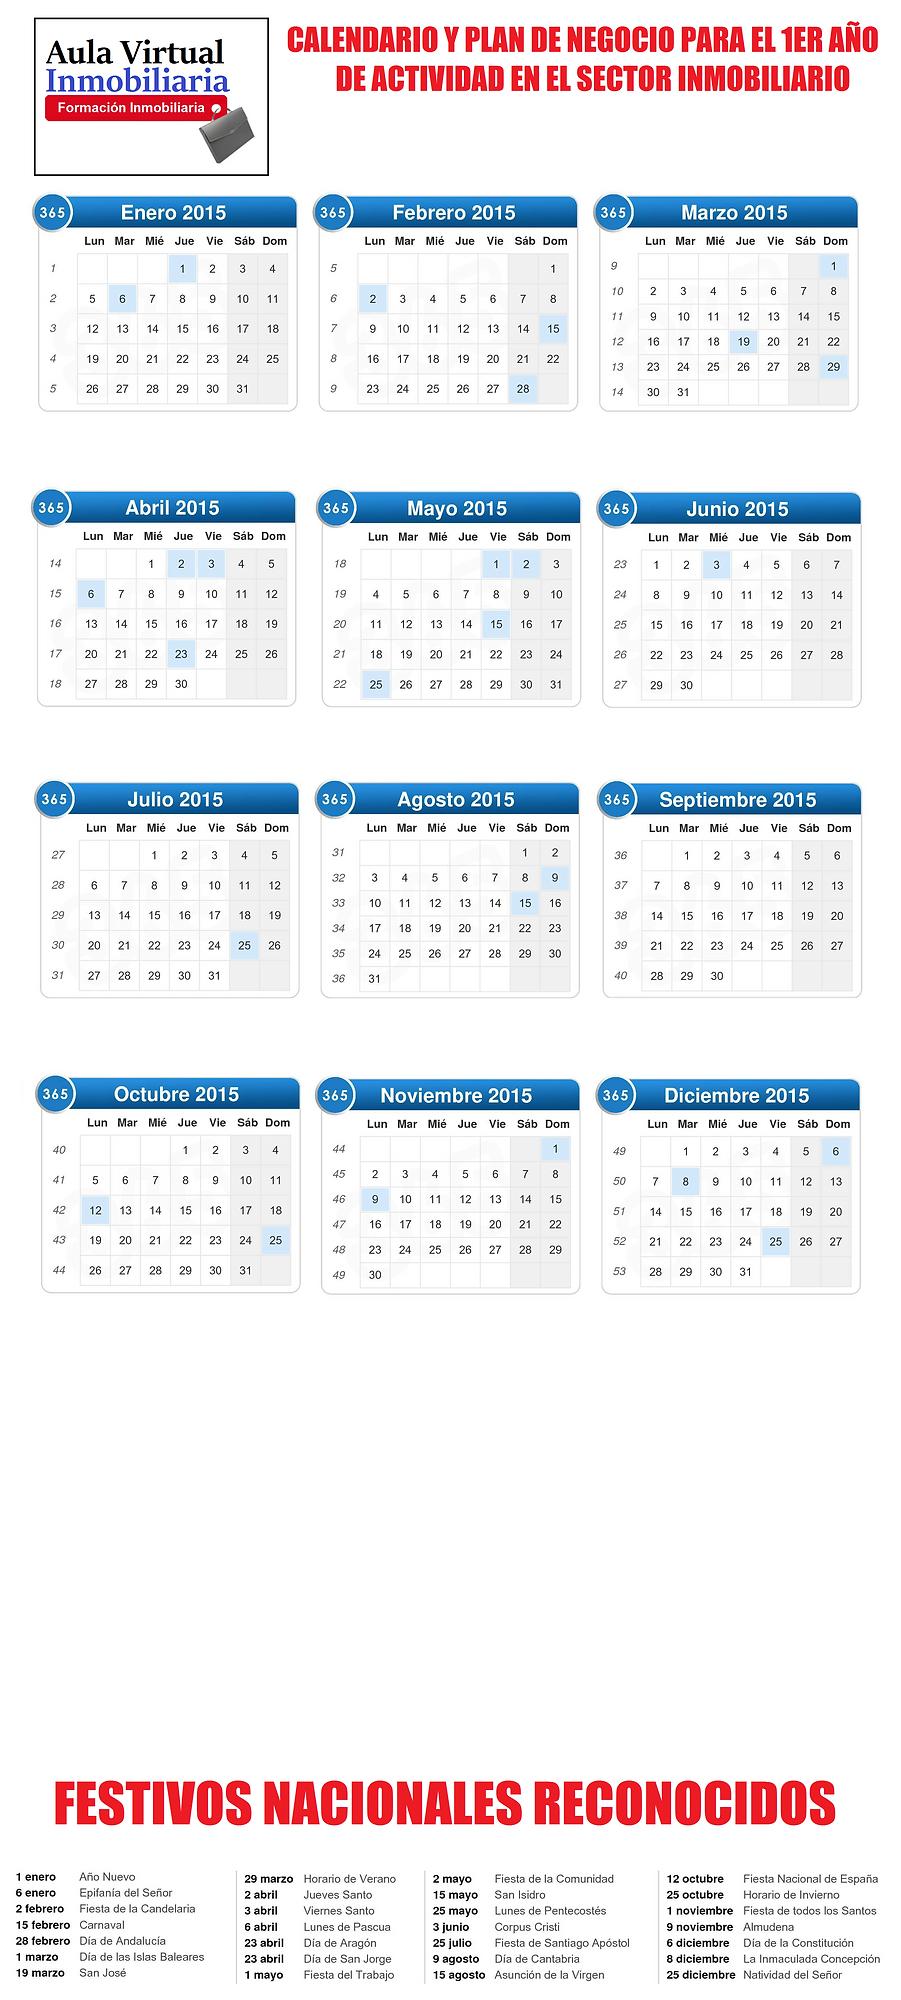 Calendario del 1er año de actividad en el sector inmobiliario